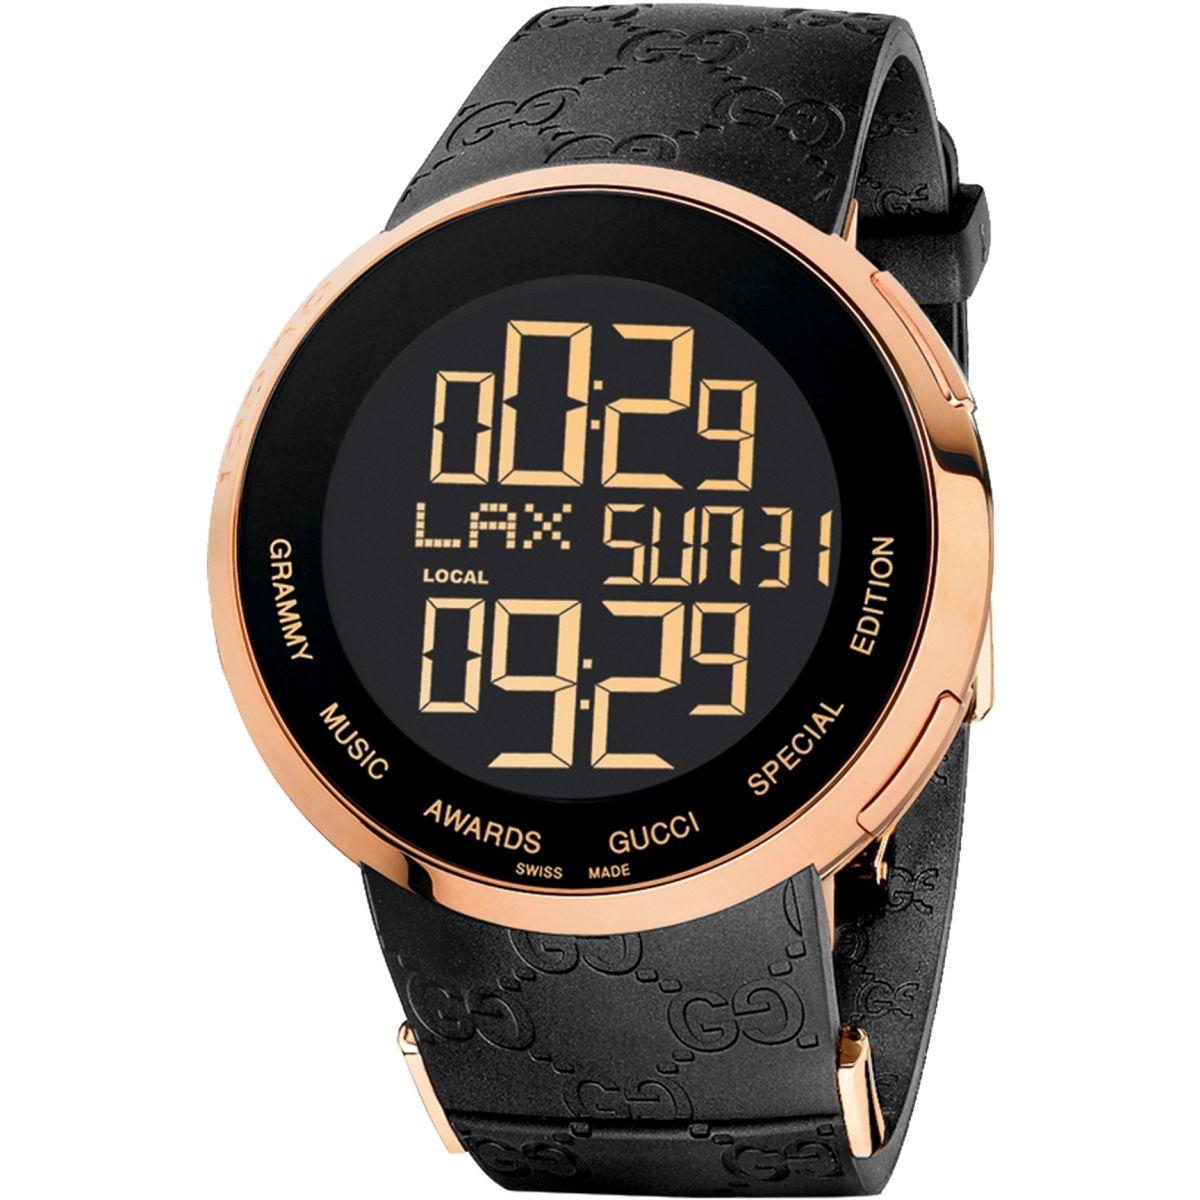 unisex gucci i gucci grammy special edition alarm chronograph watch rh watchshop com Samoa 289 Watch Instruction Manual Sanda 289 Watch Instruction Manual